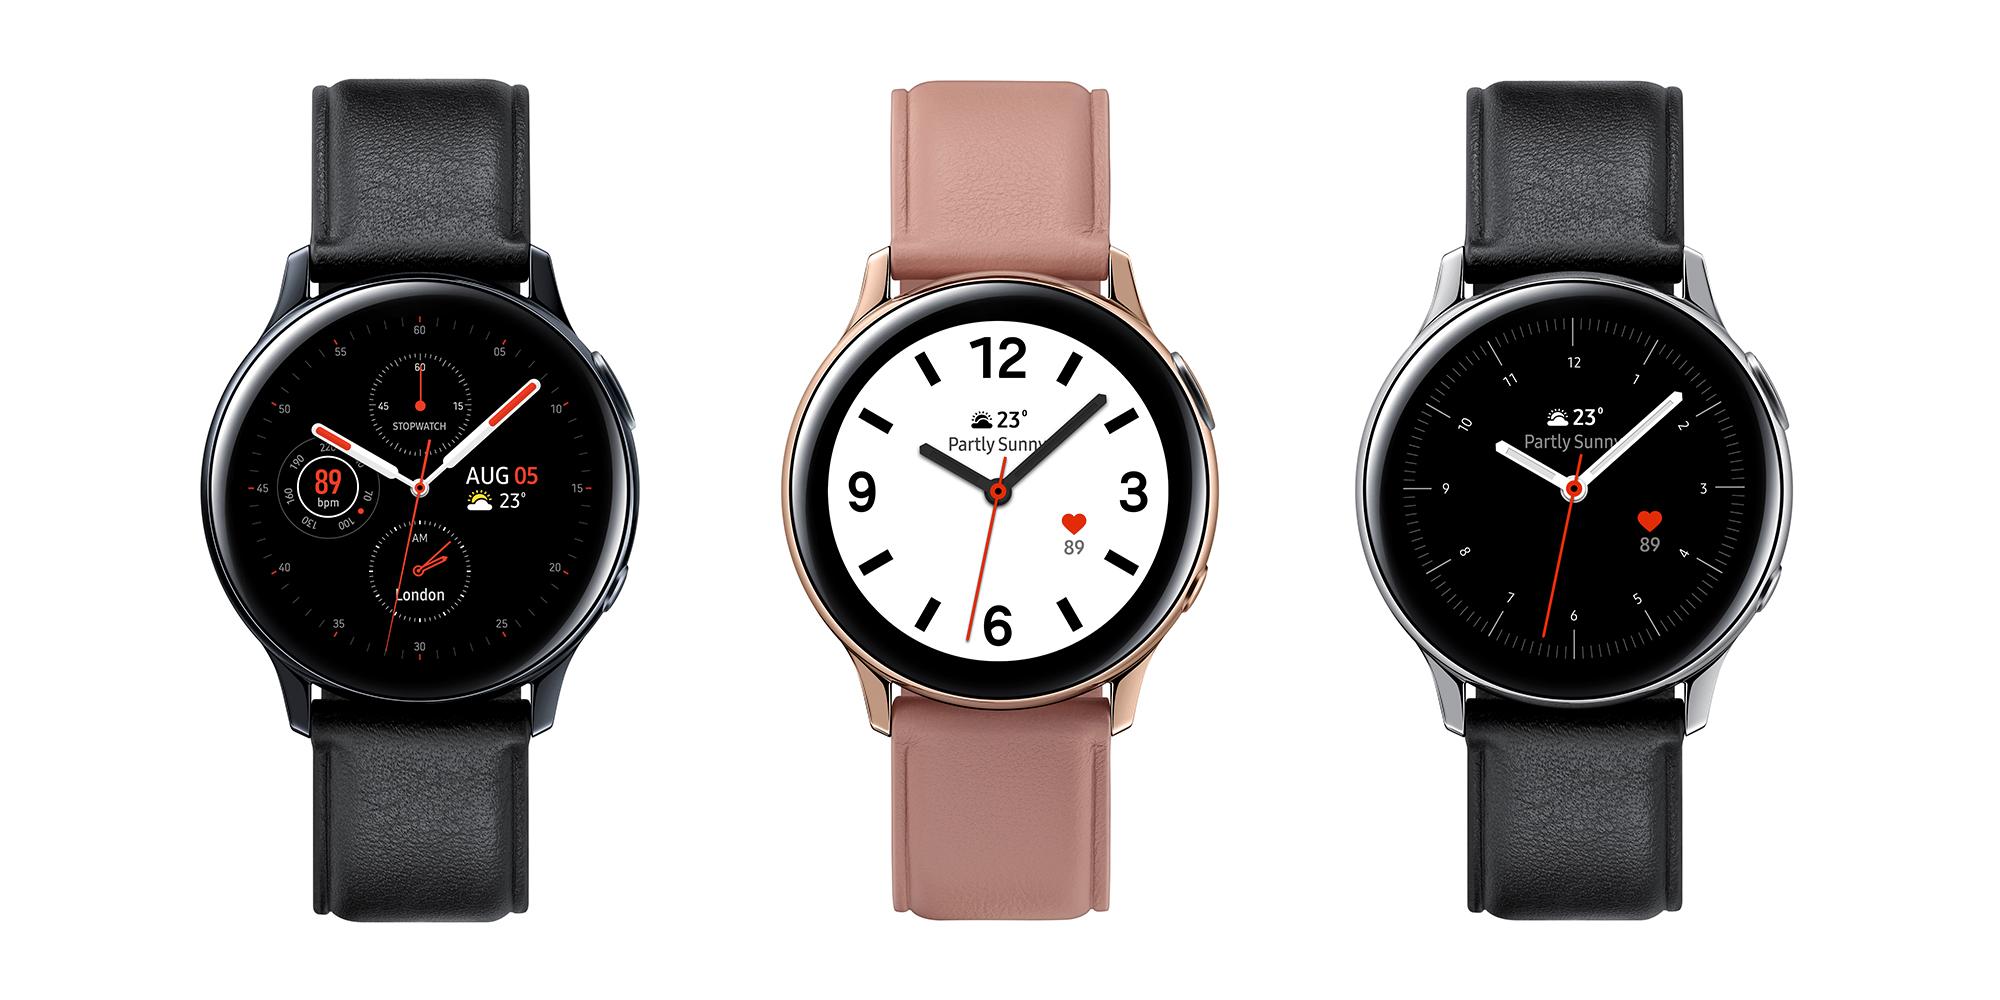 Samsung Galaxy Watch Active 2 cena EKG premiera gdzie kupić najtaniej w Polsce opinie specyfikacja techniczna